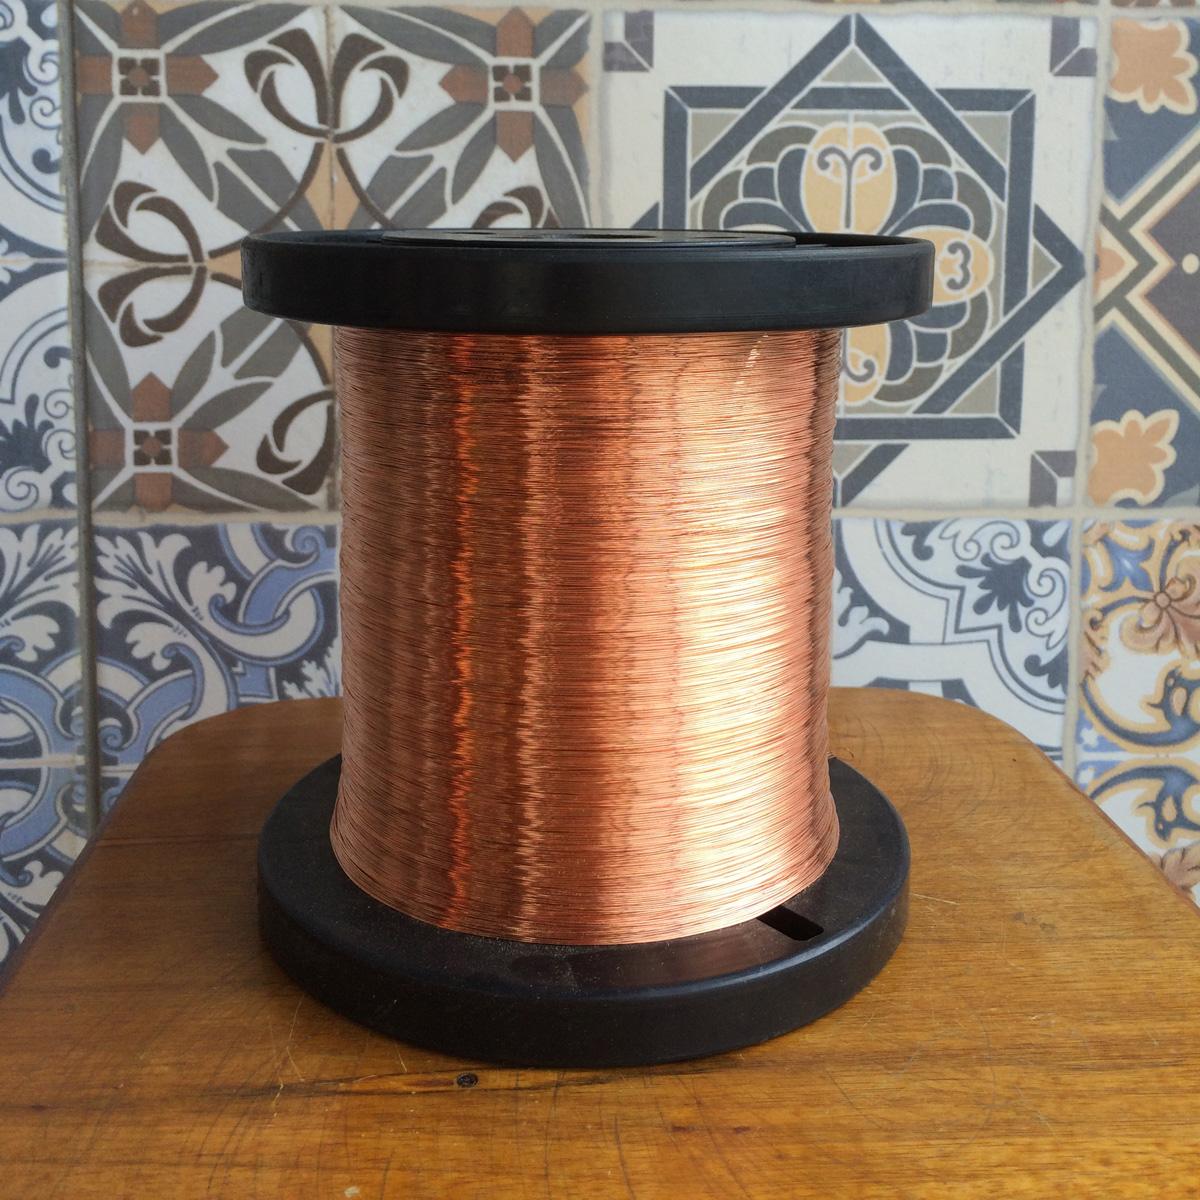 210d18e21 92-0001 – Fio de cobre 0